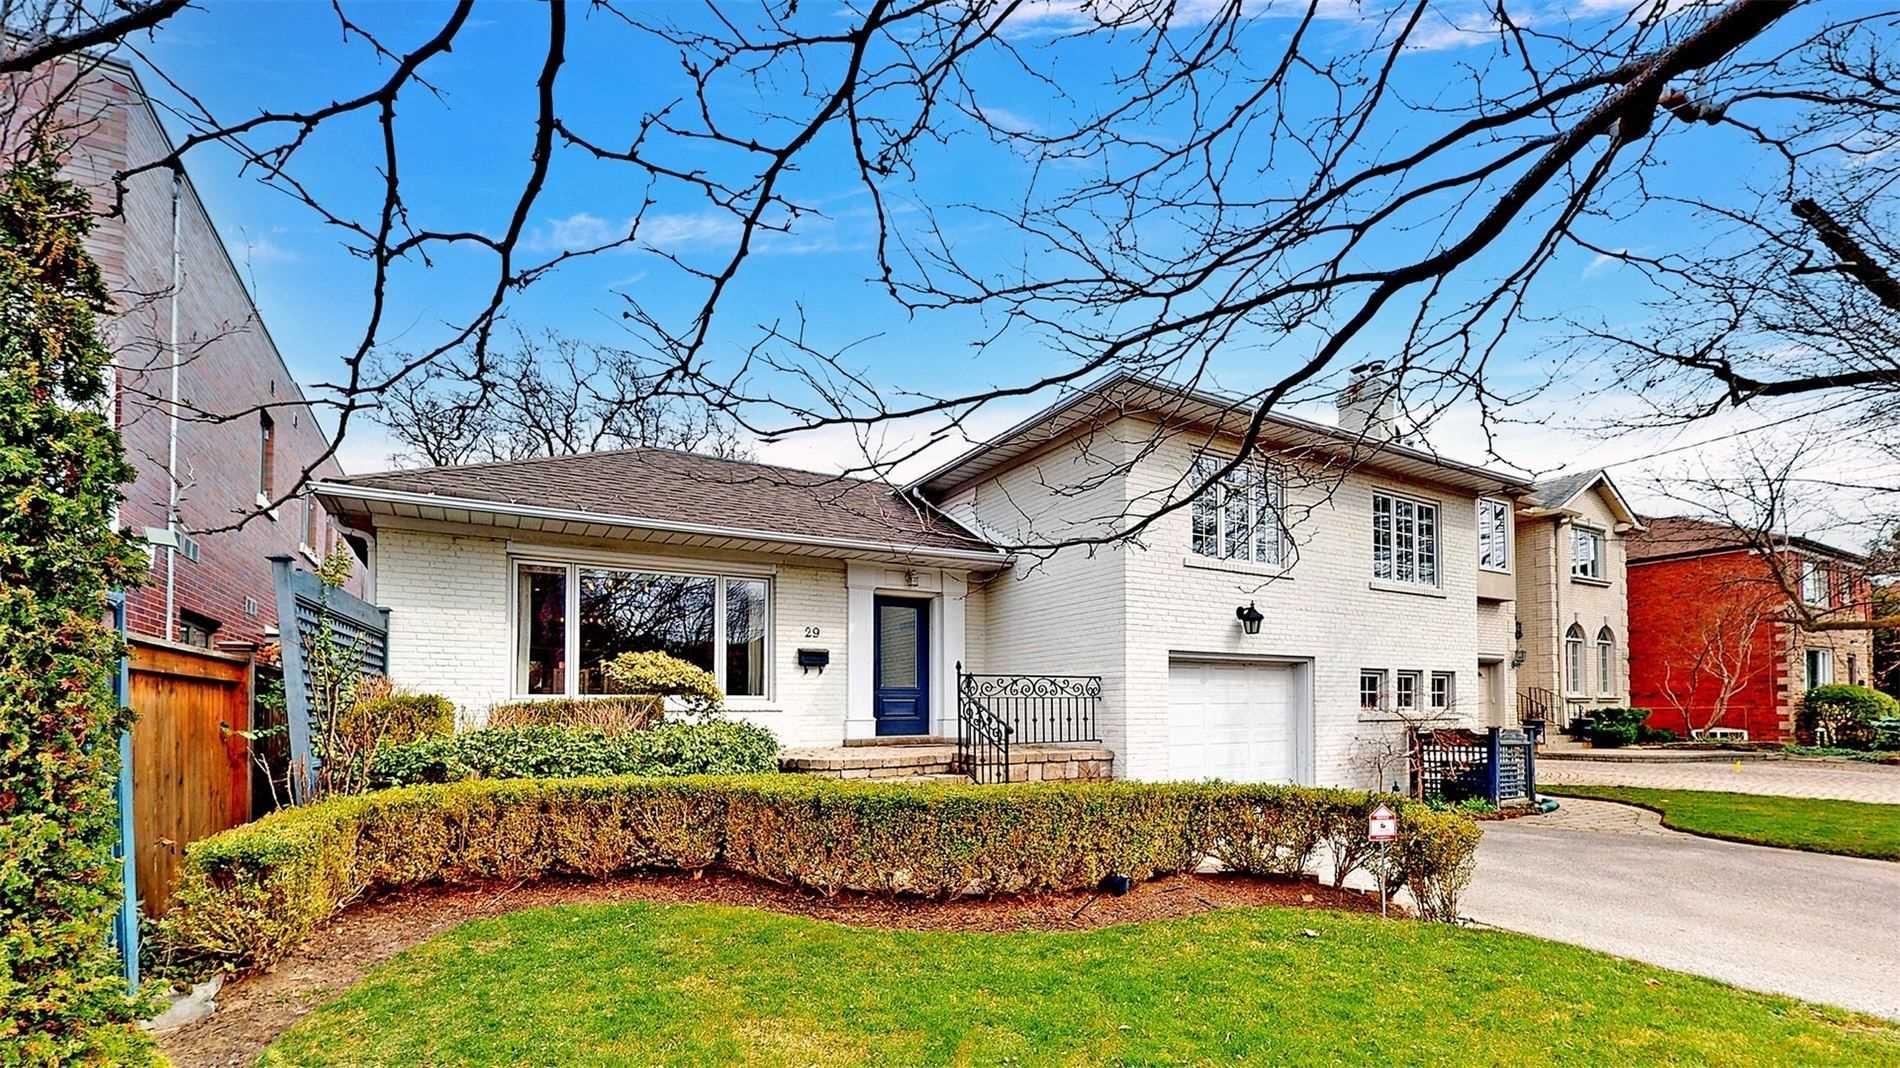 29 Glen Rush Blvd - C5183262 - $2,498,000